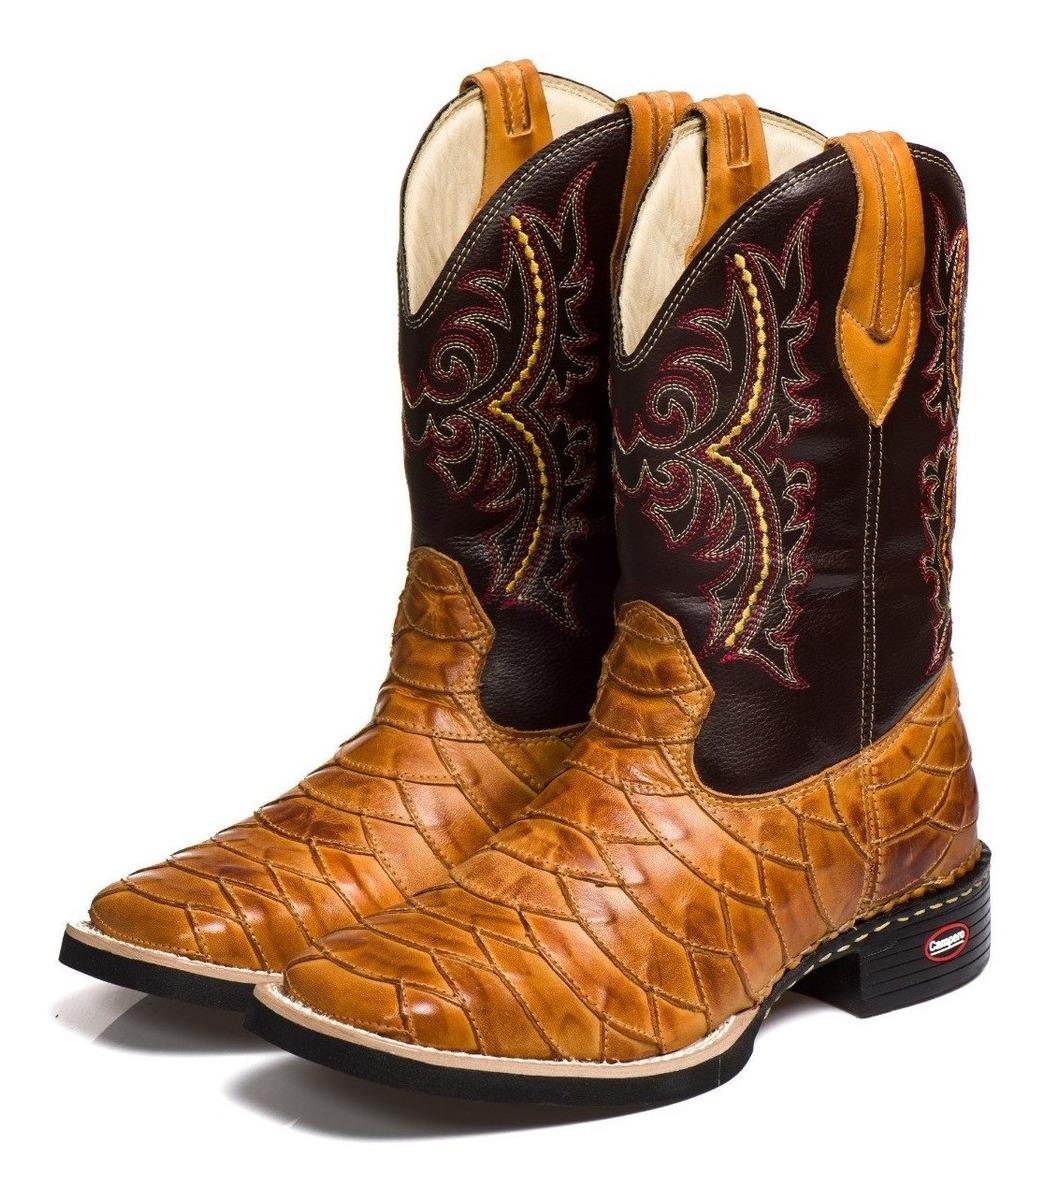 d7d9227731 bota couro texana escamada country cano longo masculina. Carregando zoom.